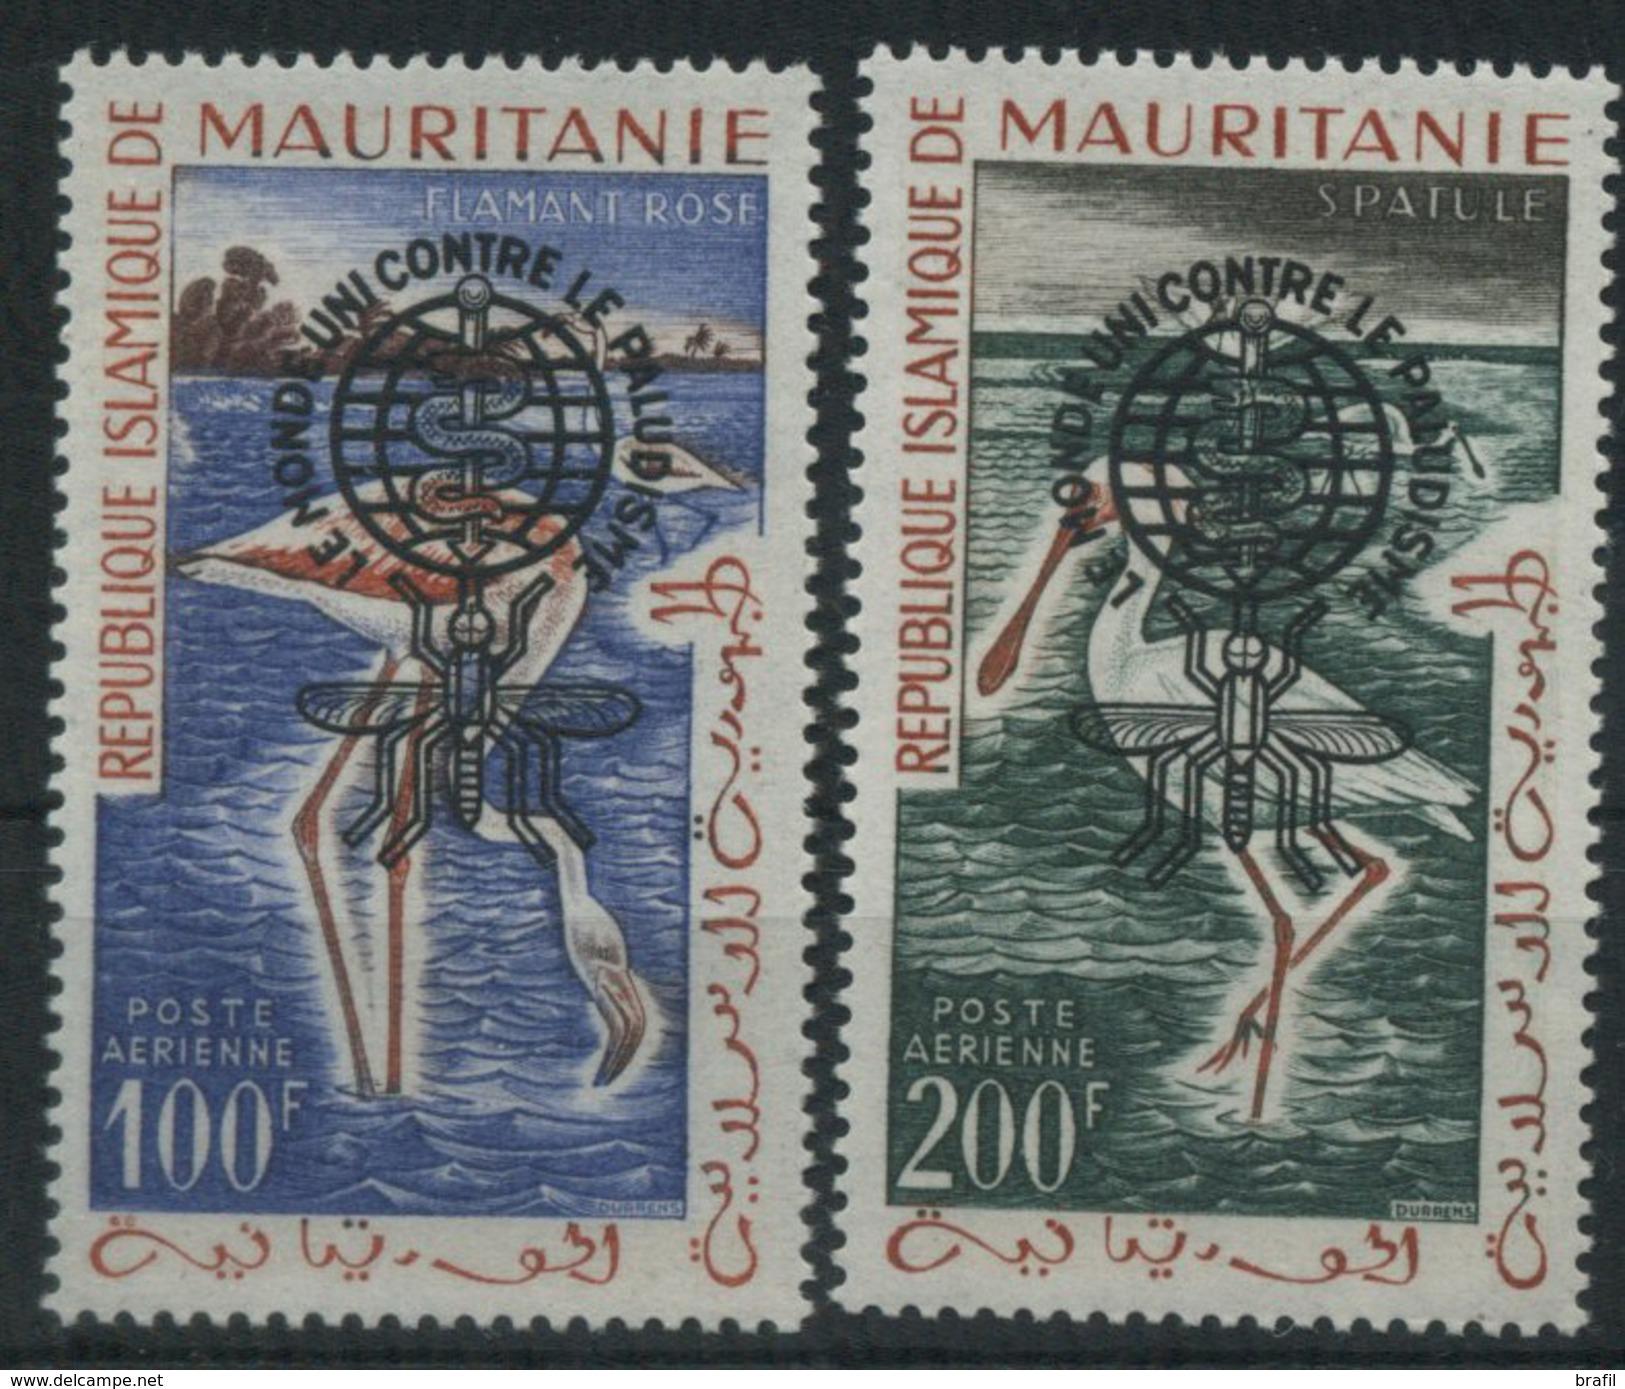 19621 Mauritania, Uccelli Posta Aerea Sopratampata, Serie Nuova (**) - Mauritania (1960-...)